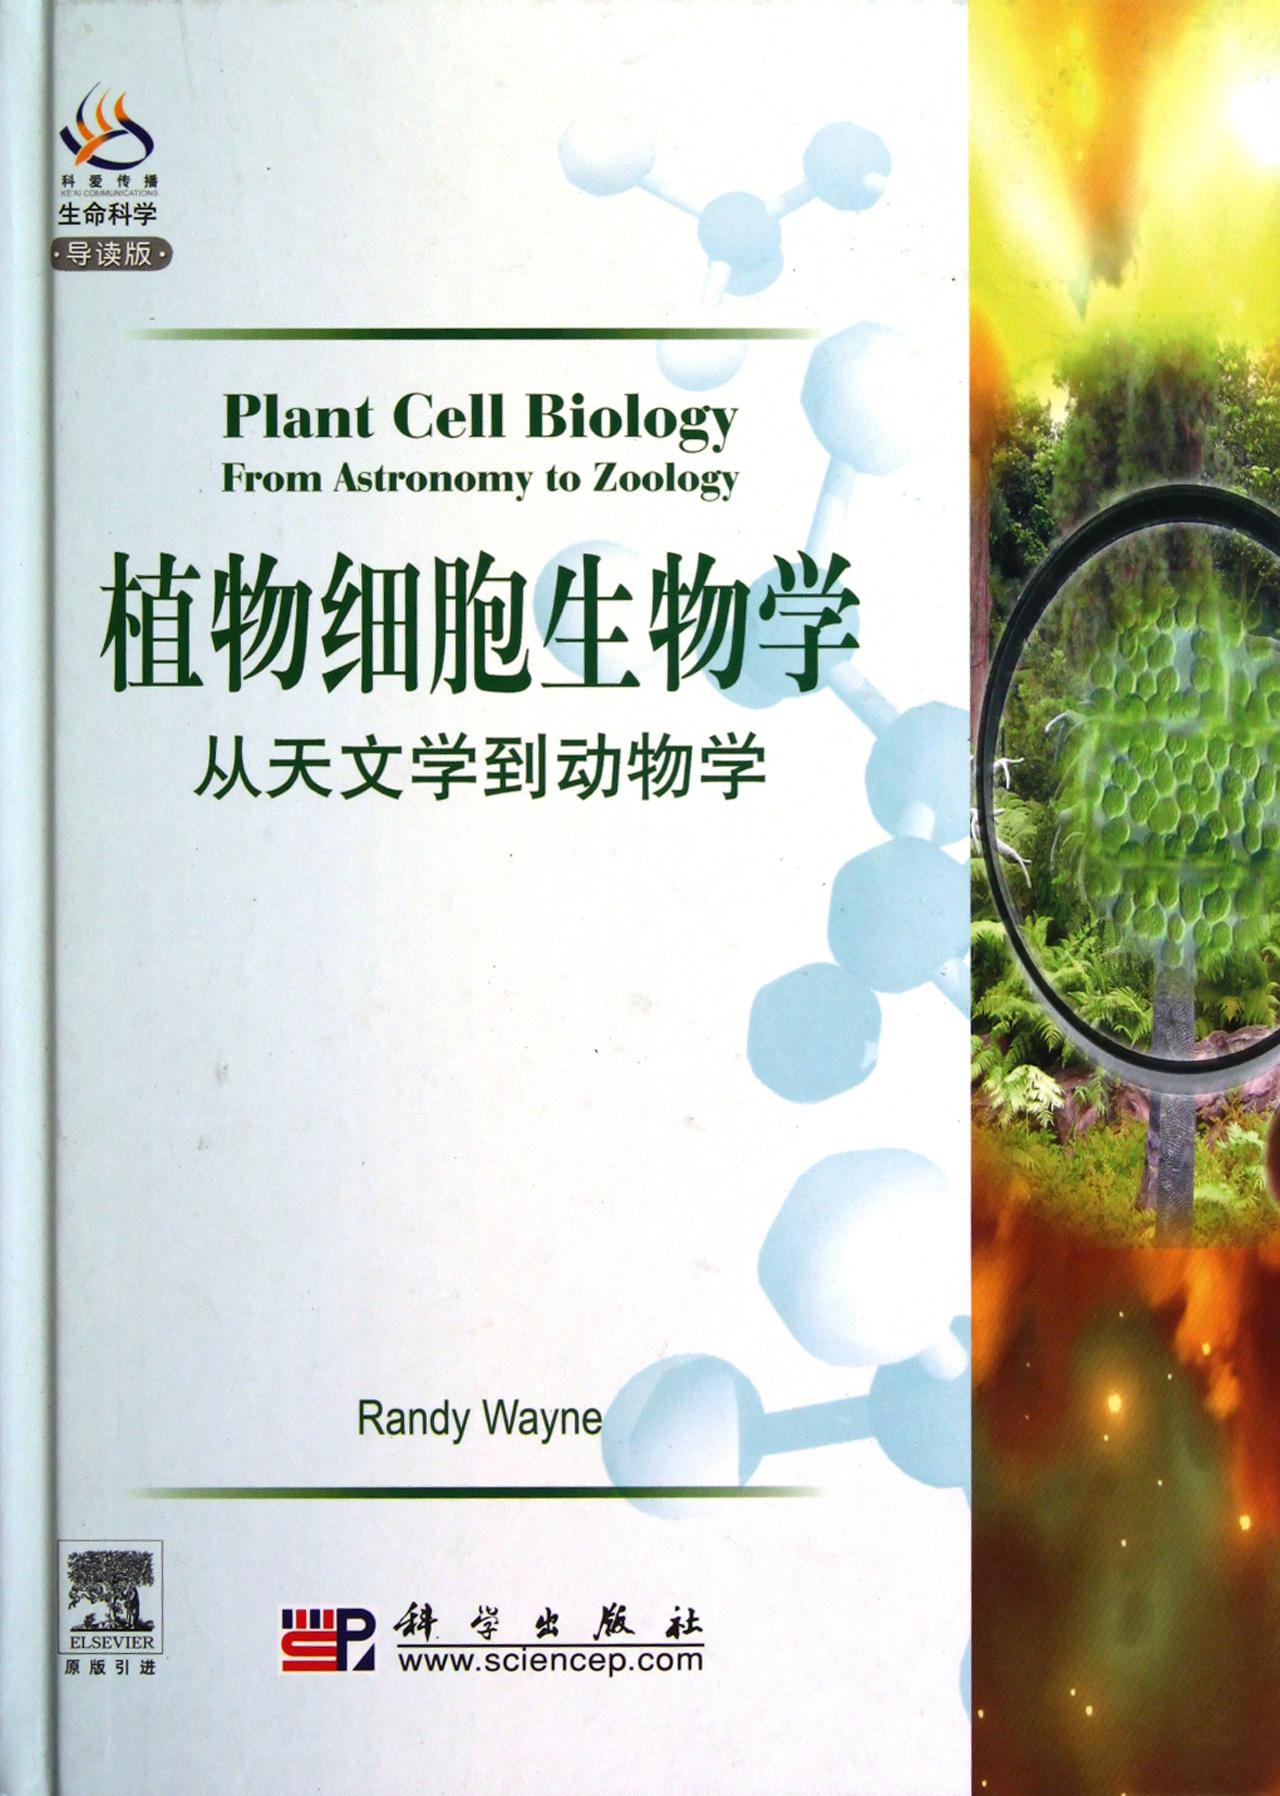 植物细胞生物学(从天文学到动物学导读版)(精)